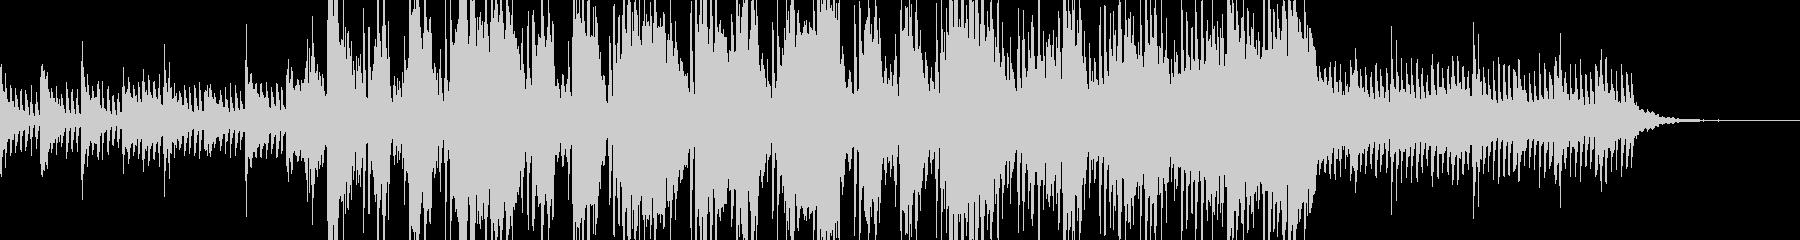 神秘的で最先端のBGMの未再生の波形